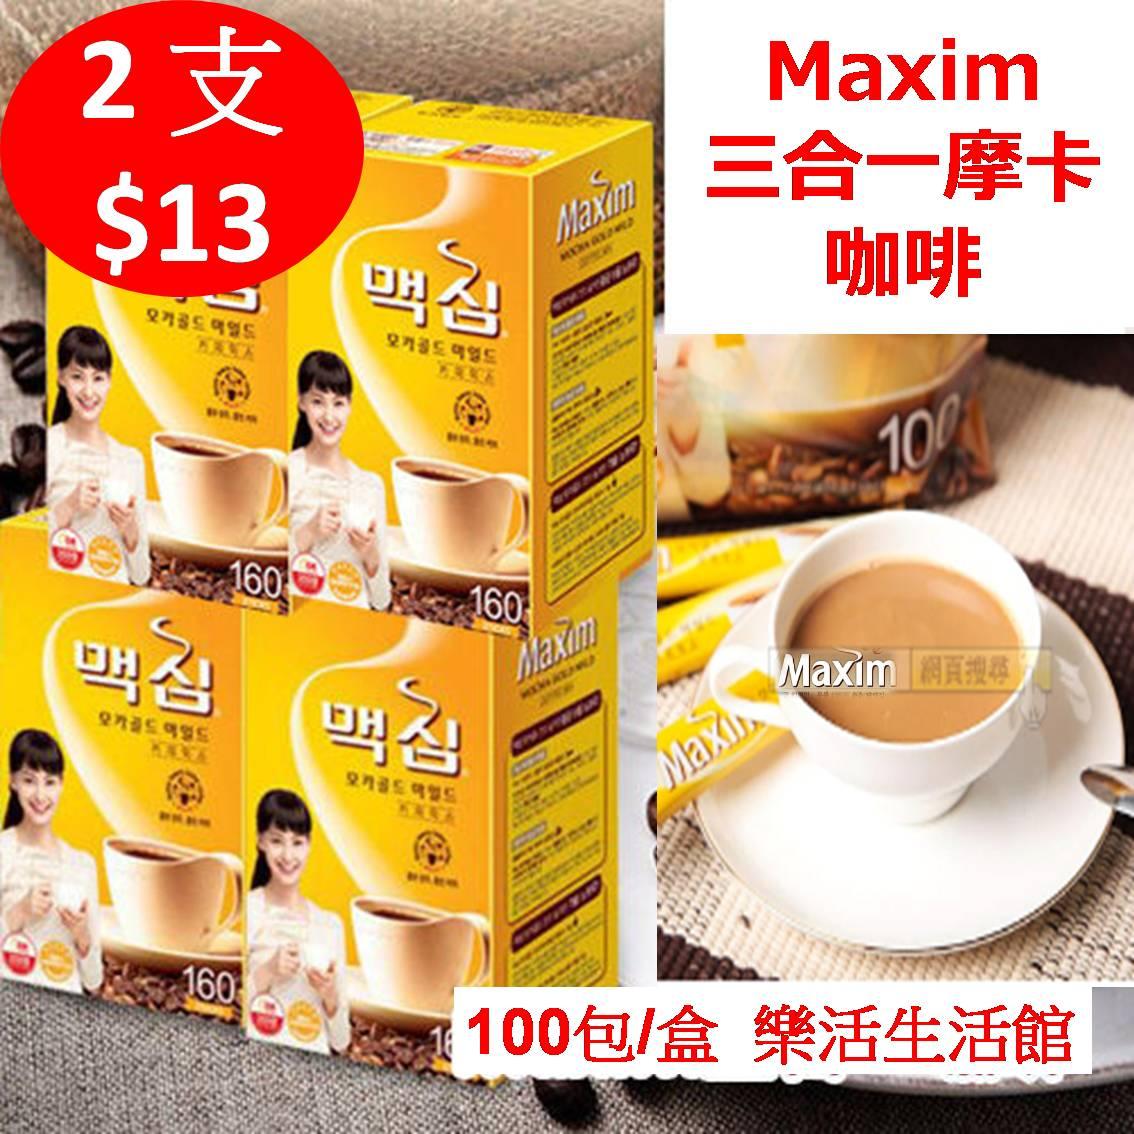 韓國Maxim麥心 摩卡 /原味 (有貨)三合一咖啡 (2支24克) 兩種口味 (請註明口味 ) 【樂活生活館】